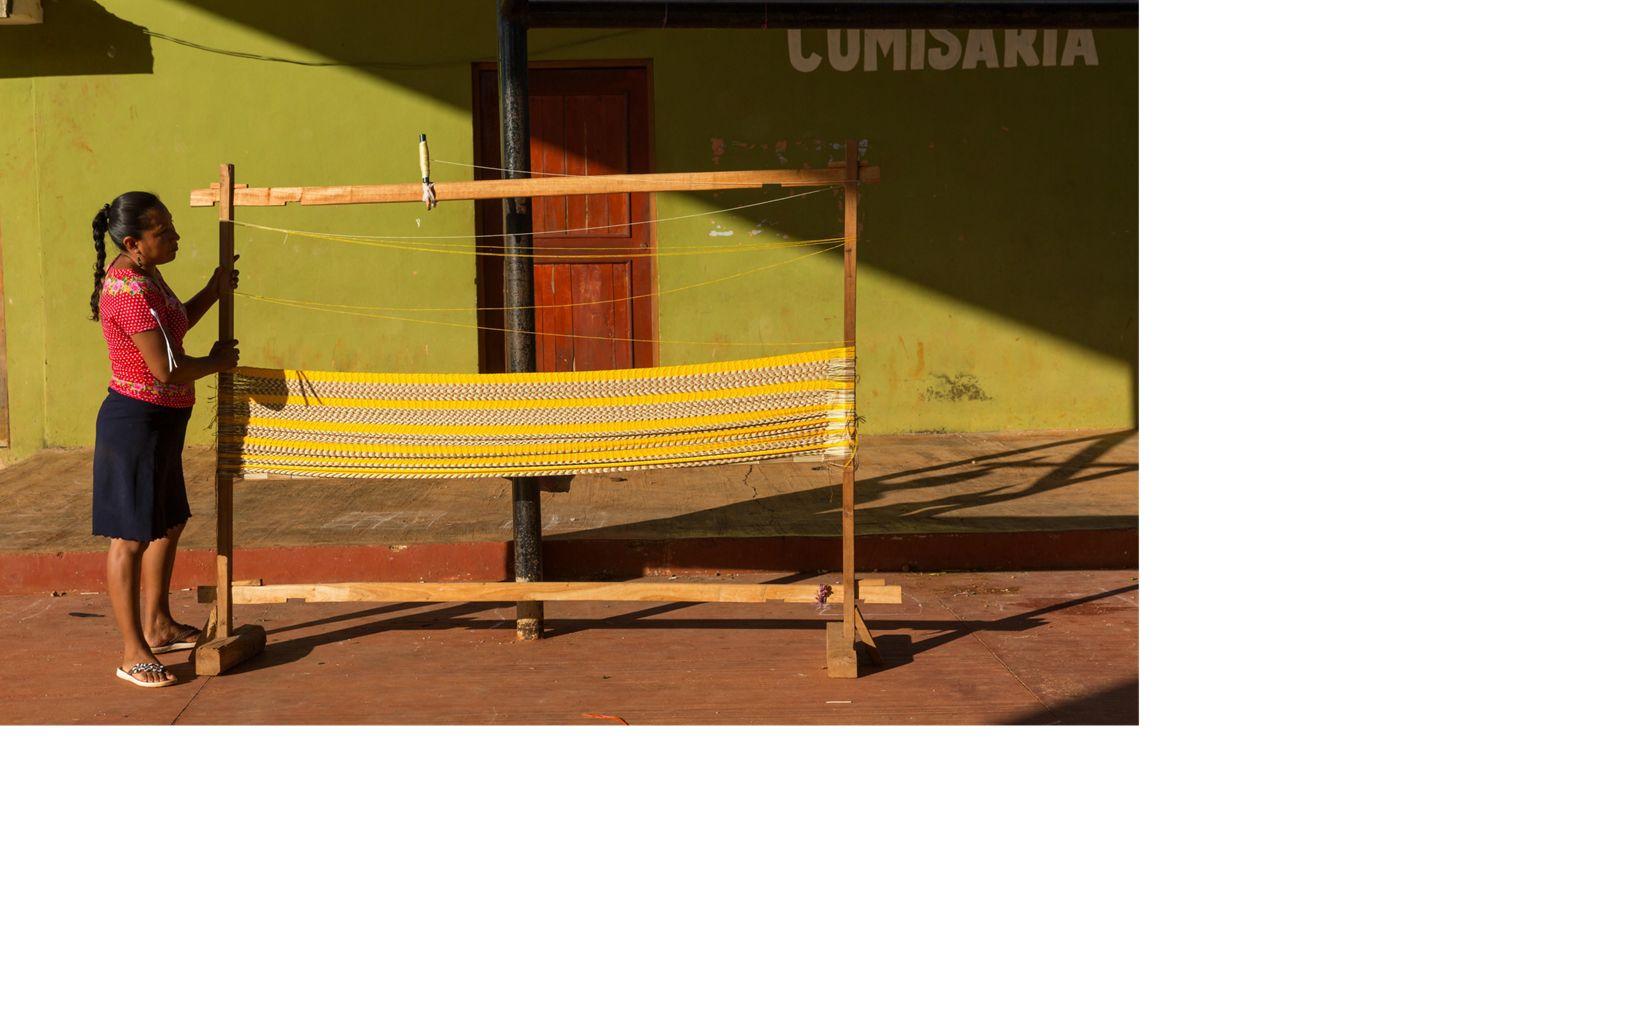 Rita Margarita Canul Ek de la cooperativa de tejido de hamacas de mujeres que trabaja todos los viernes en la cancha de baloncesto cubierta en el ejido de San Agustín.